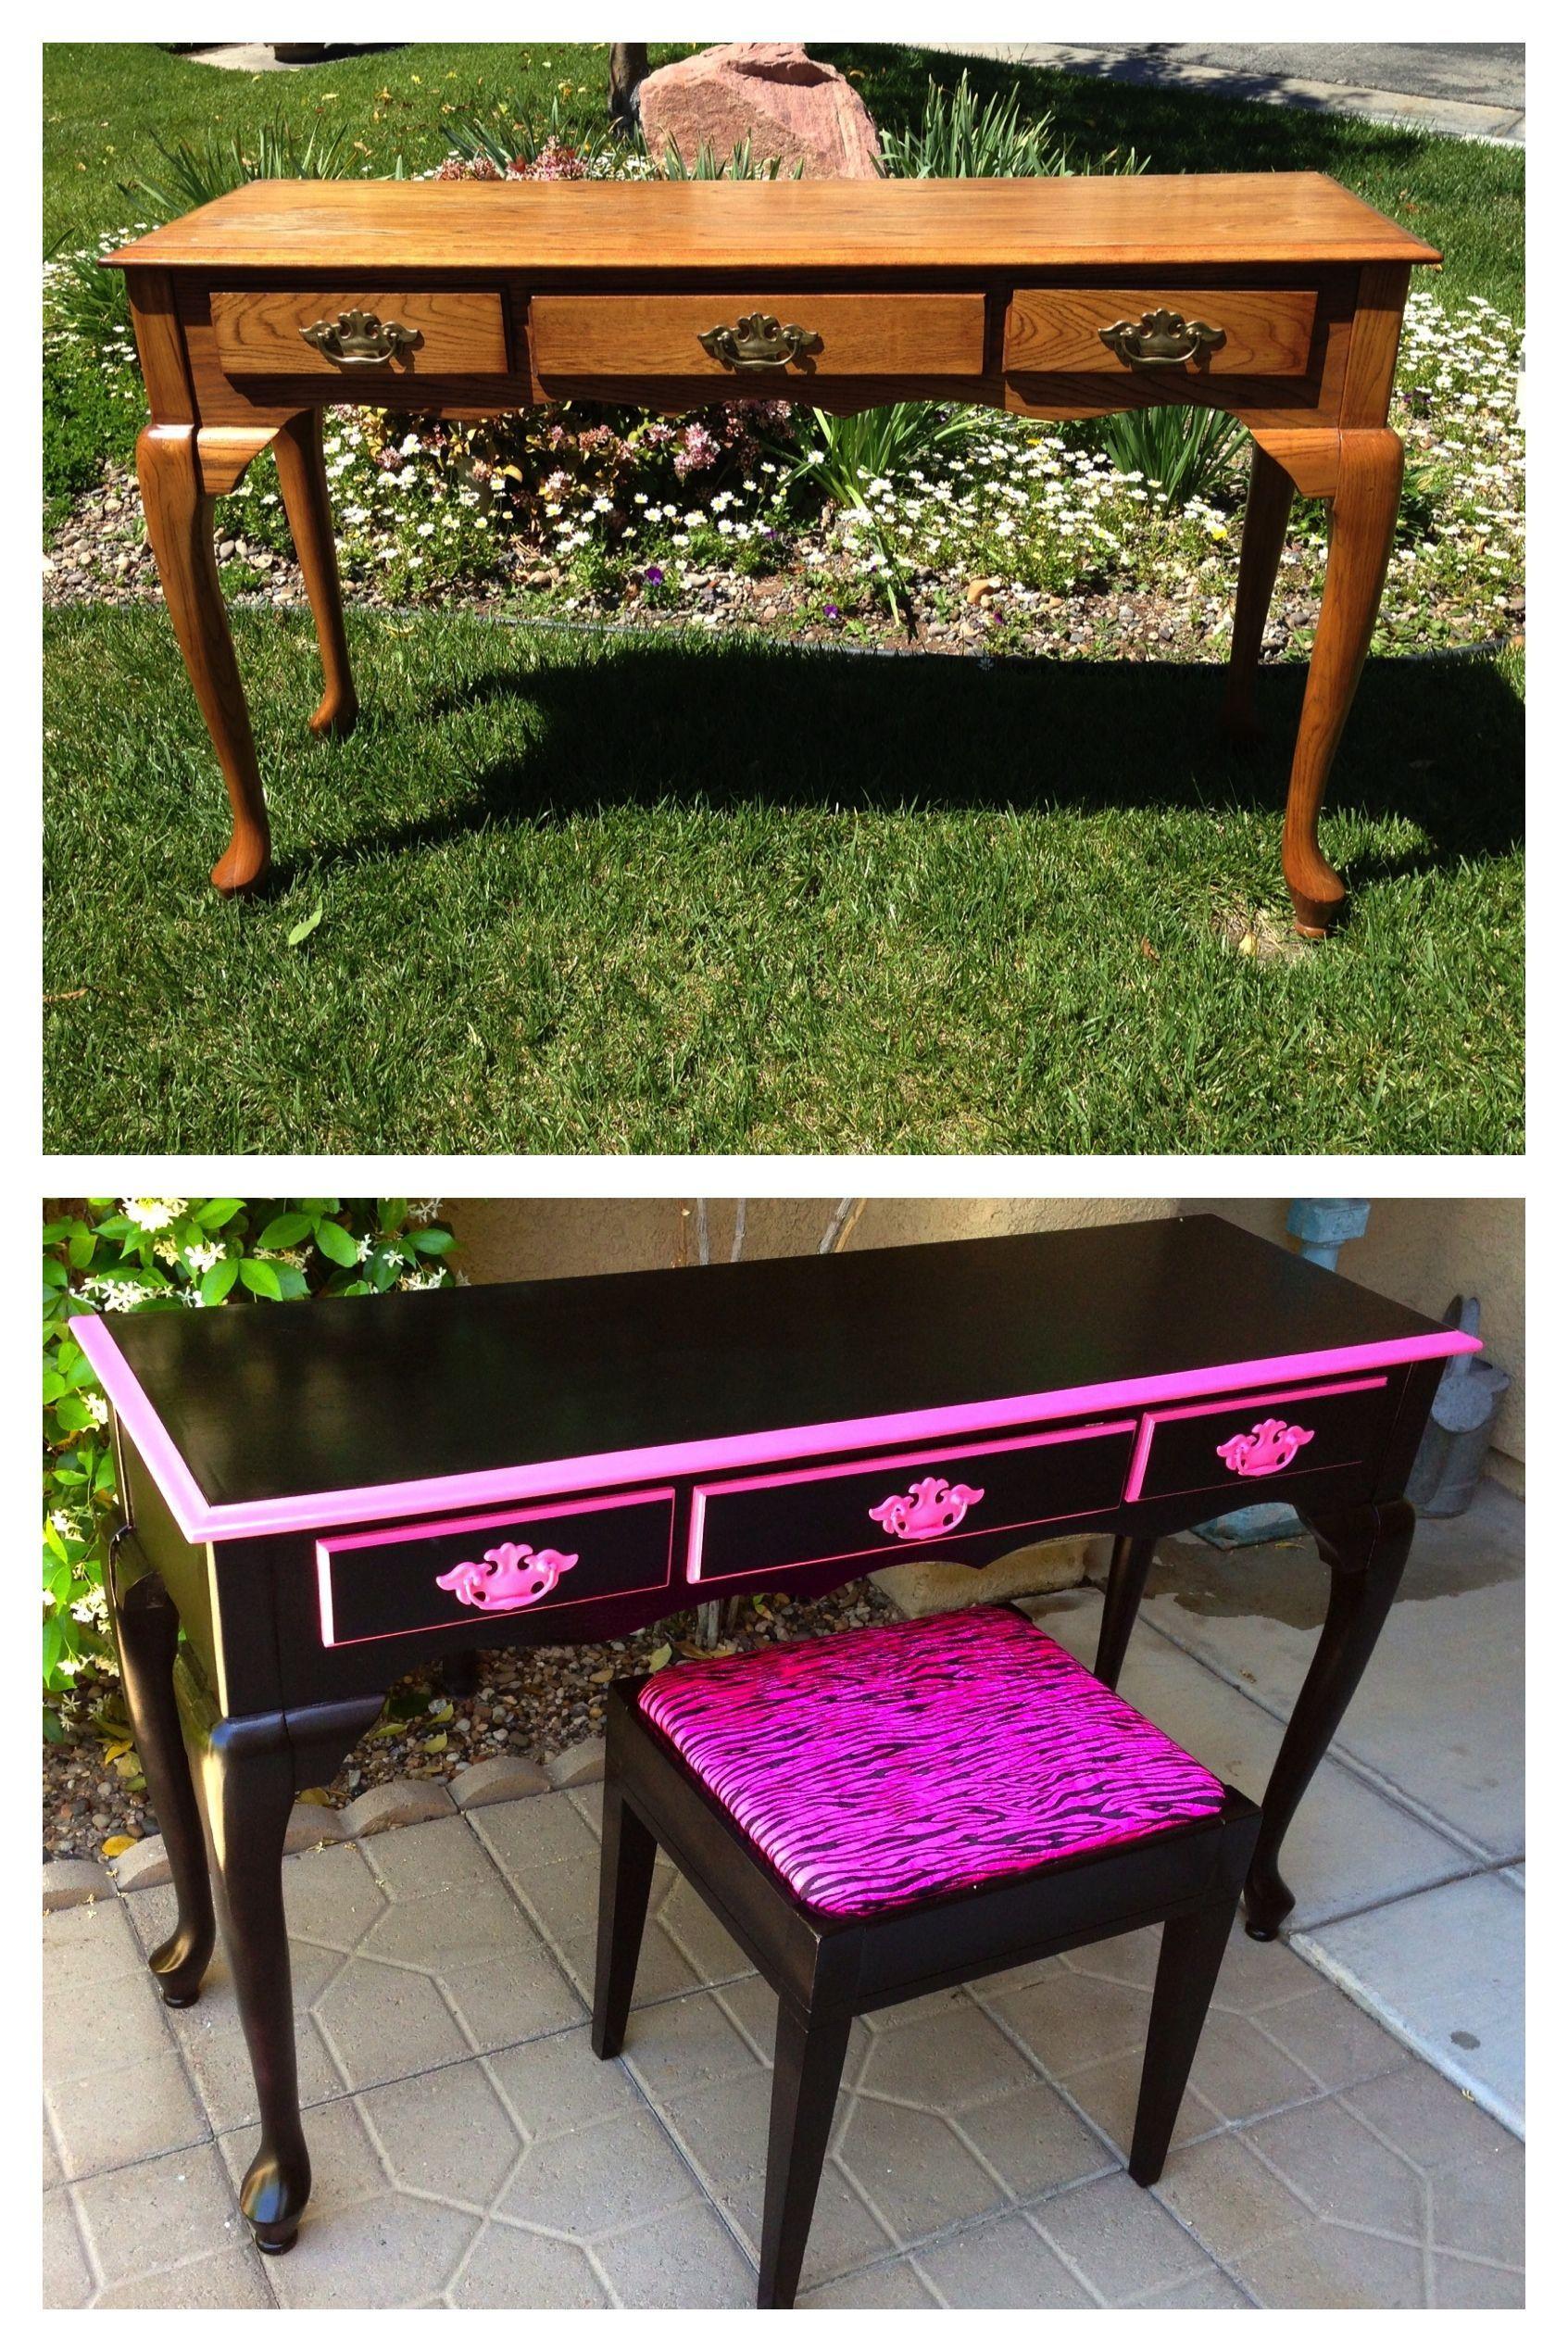 www.facebook.com/vintagekeyantiques Vintage, shabby, refinished, painted, before and after, refurbished, furniture, DIY, make-over #refurbishedfurniture